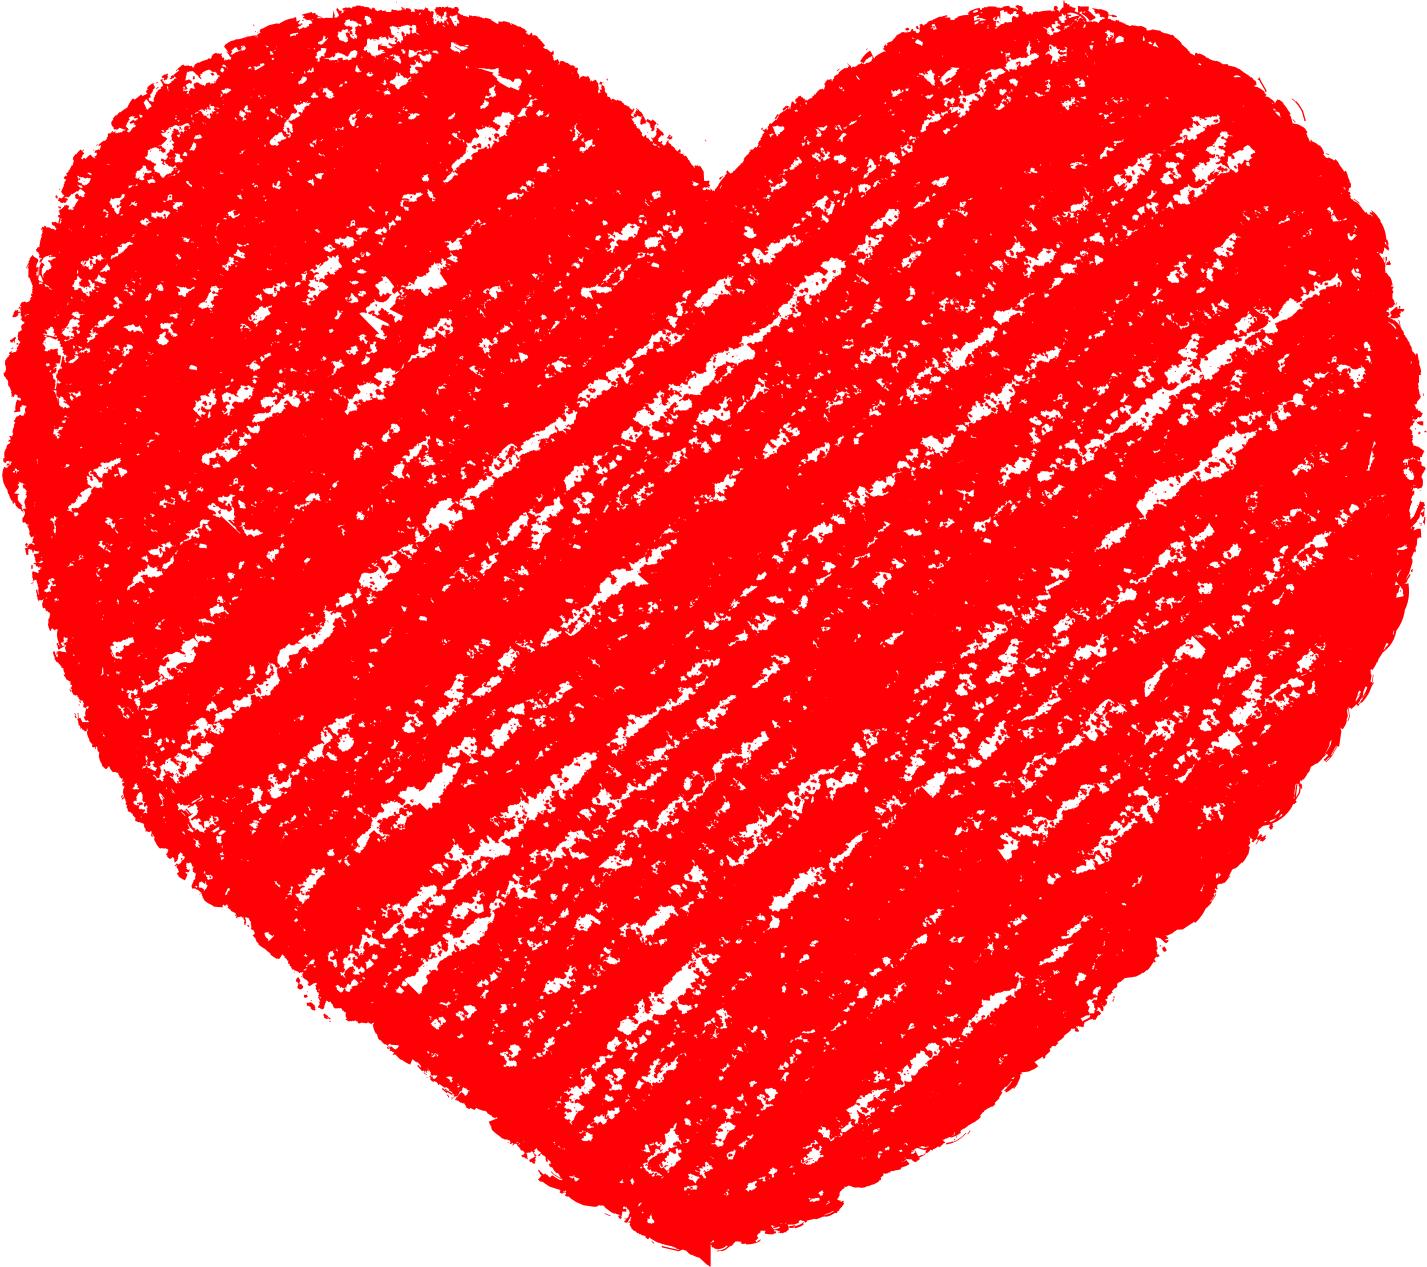 クレヨン塗り背景 赤色 新(レッド)ハートのイラスト heart_red